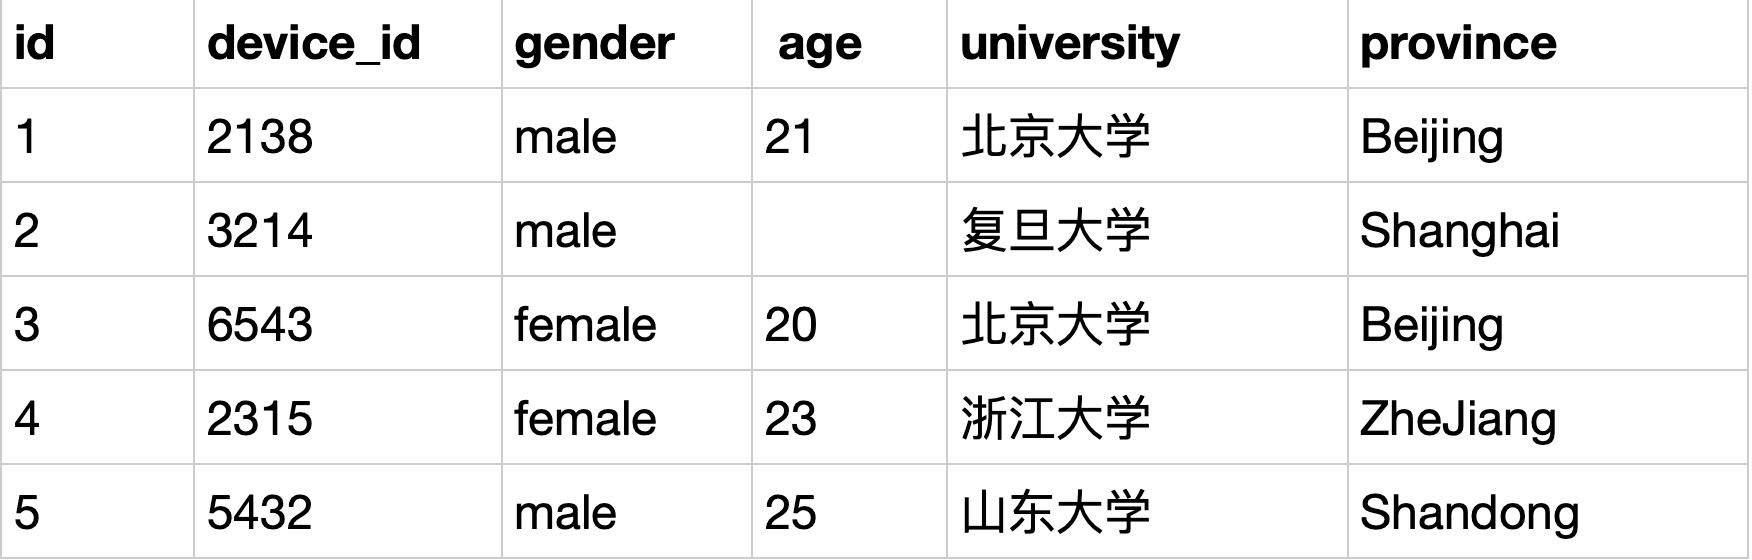 题目:作为区块链毕设学生网的数据分析师,现在运营想要查看用户信息表中所有的数据,请取出相应结果             示例:user_profile               根据示例,你的查询应返回以下结果: